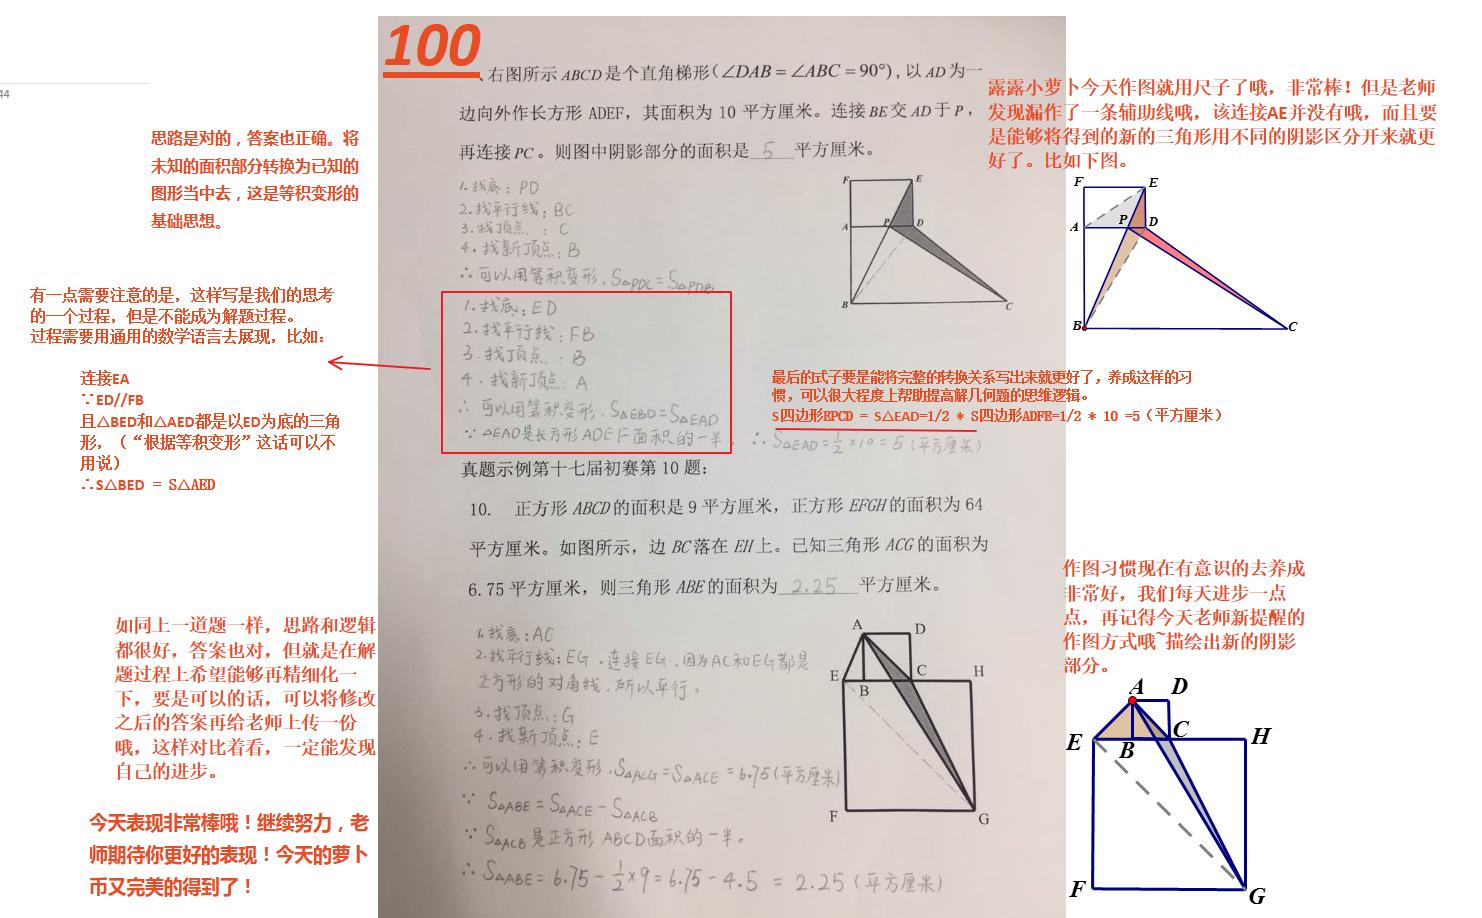 睿睿妈10.9解析.png